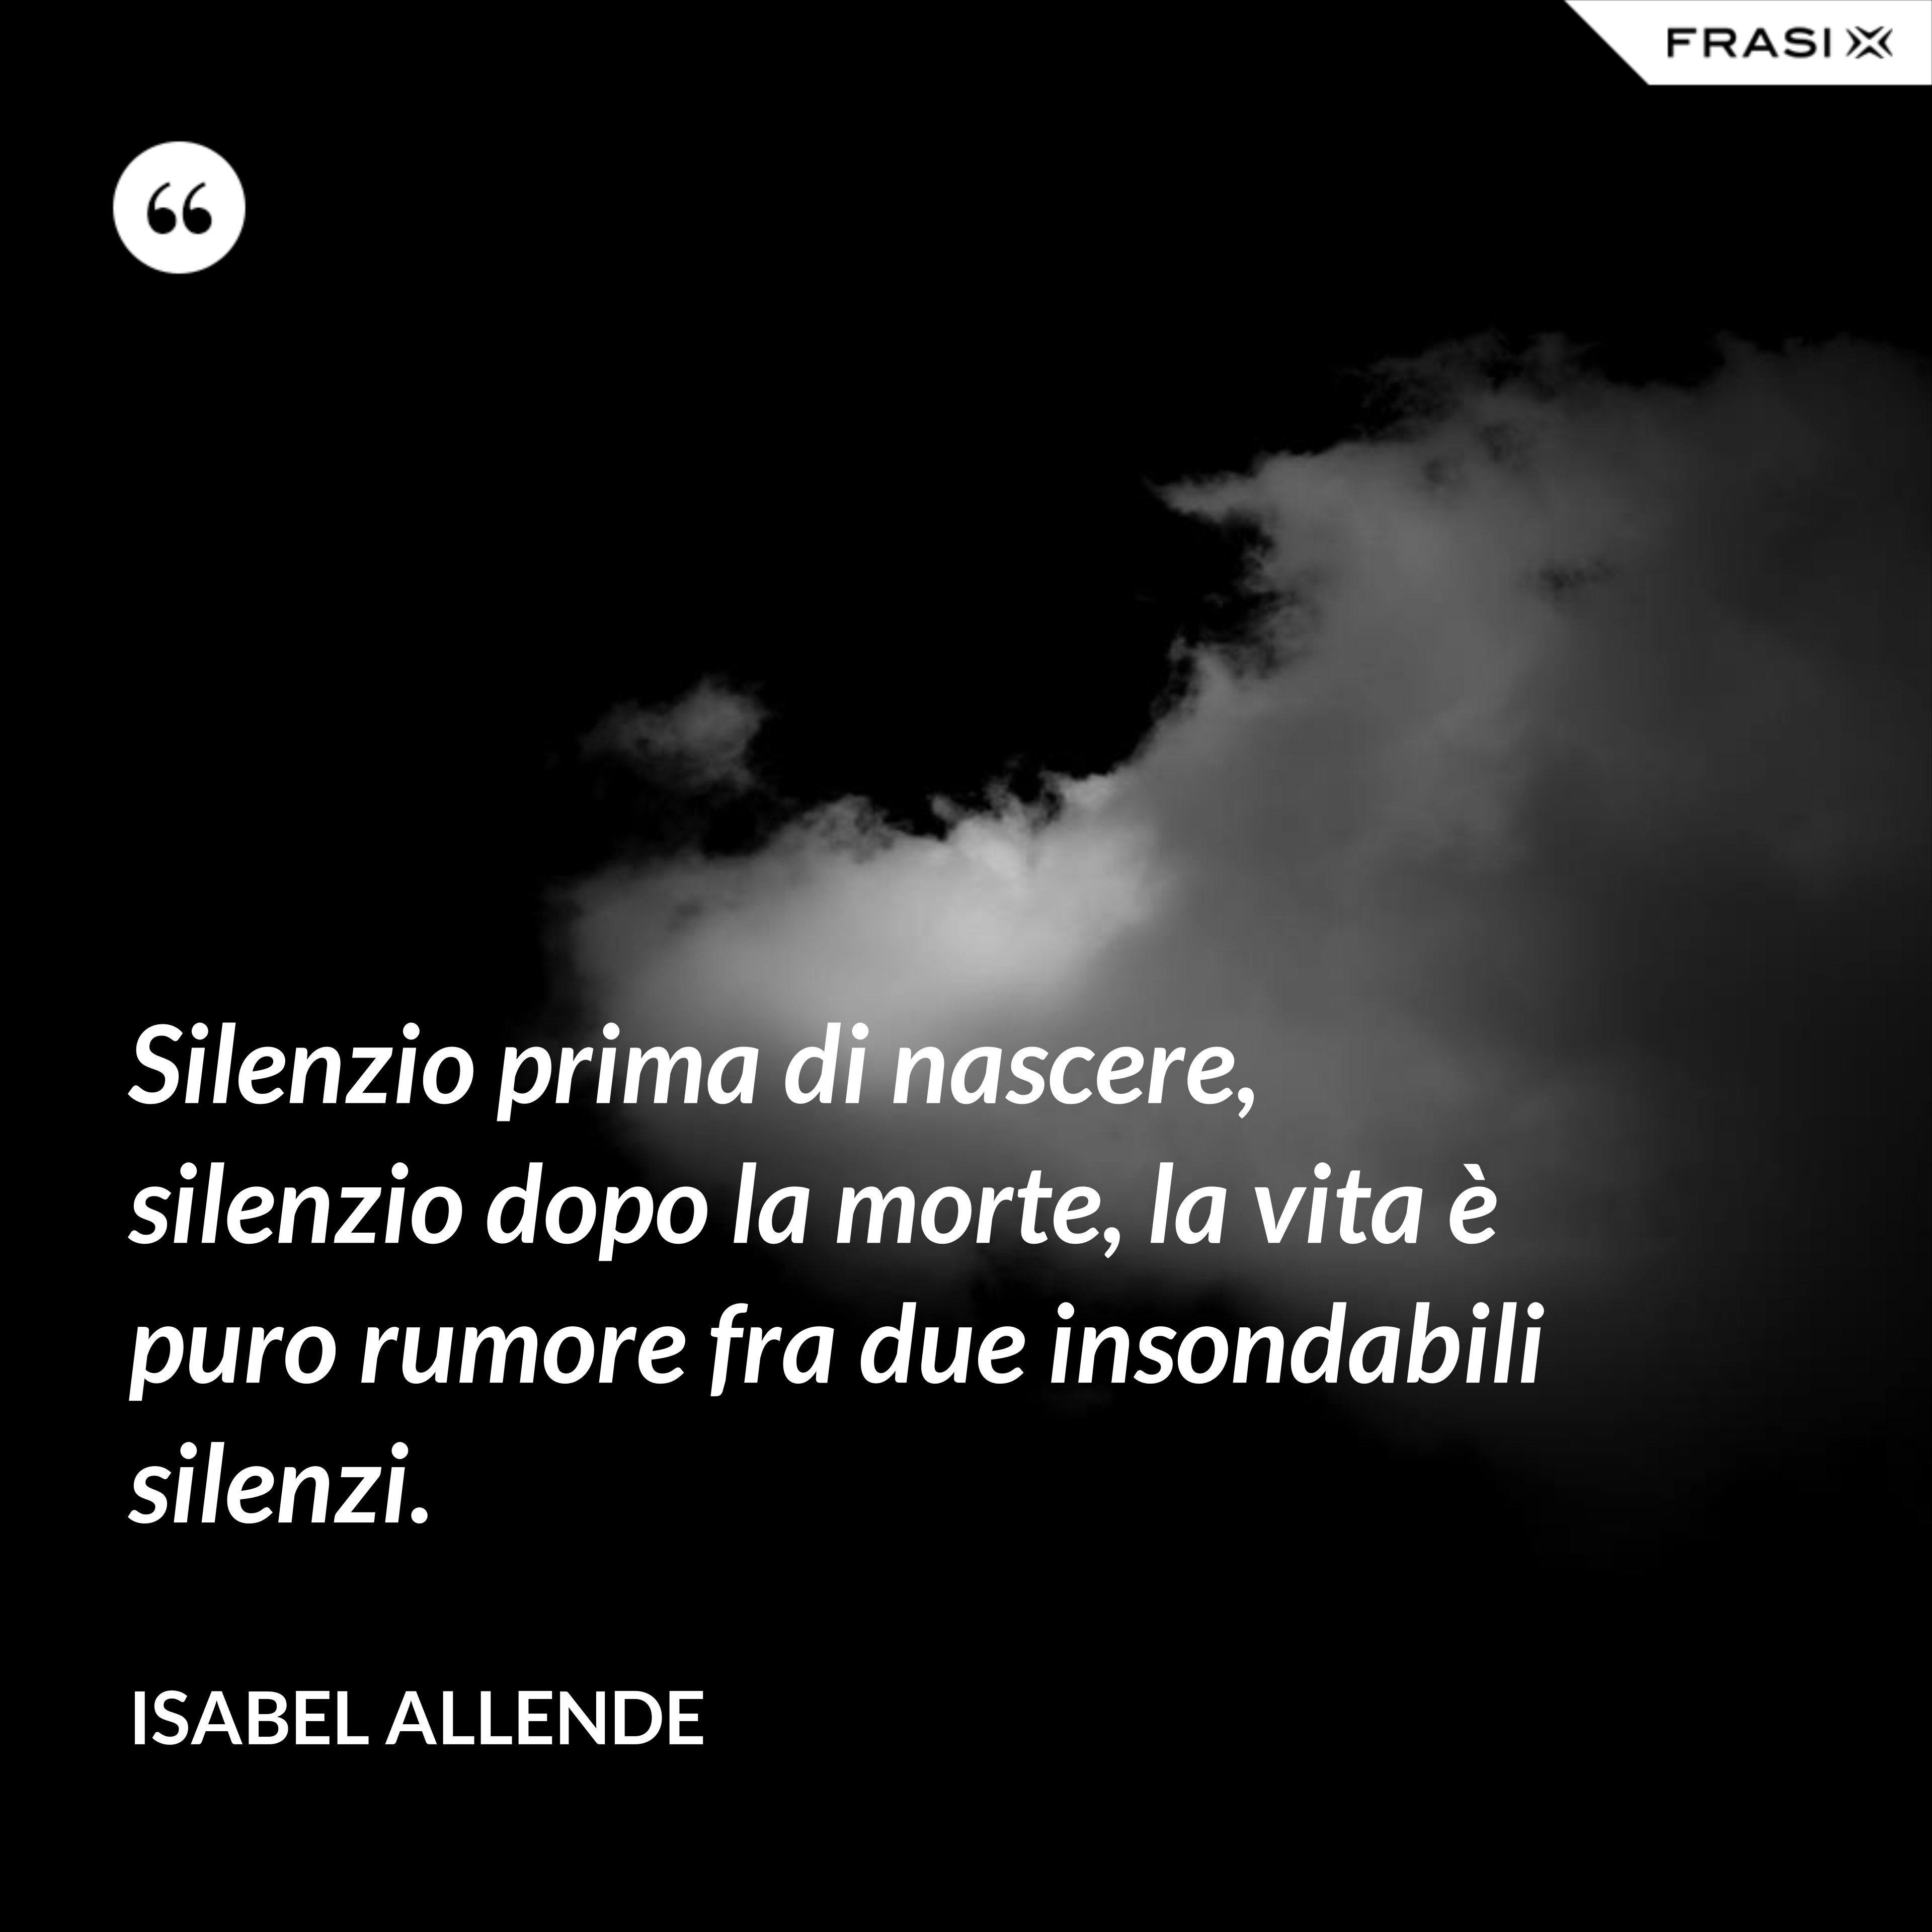 Silenzio prima di nascere, silenzio dopo la morte, la vita è puro rumore fra due insondabili silenzi. - Isabel Allende